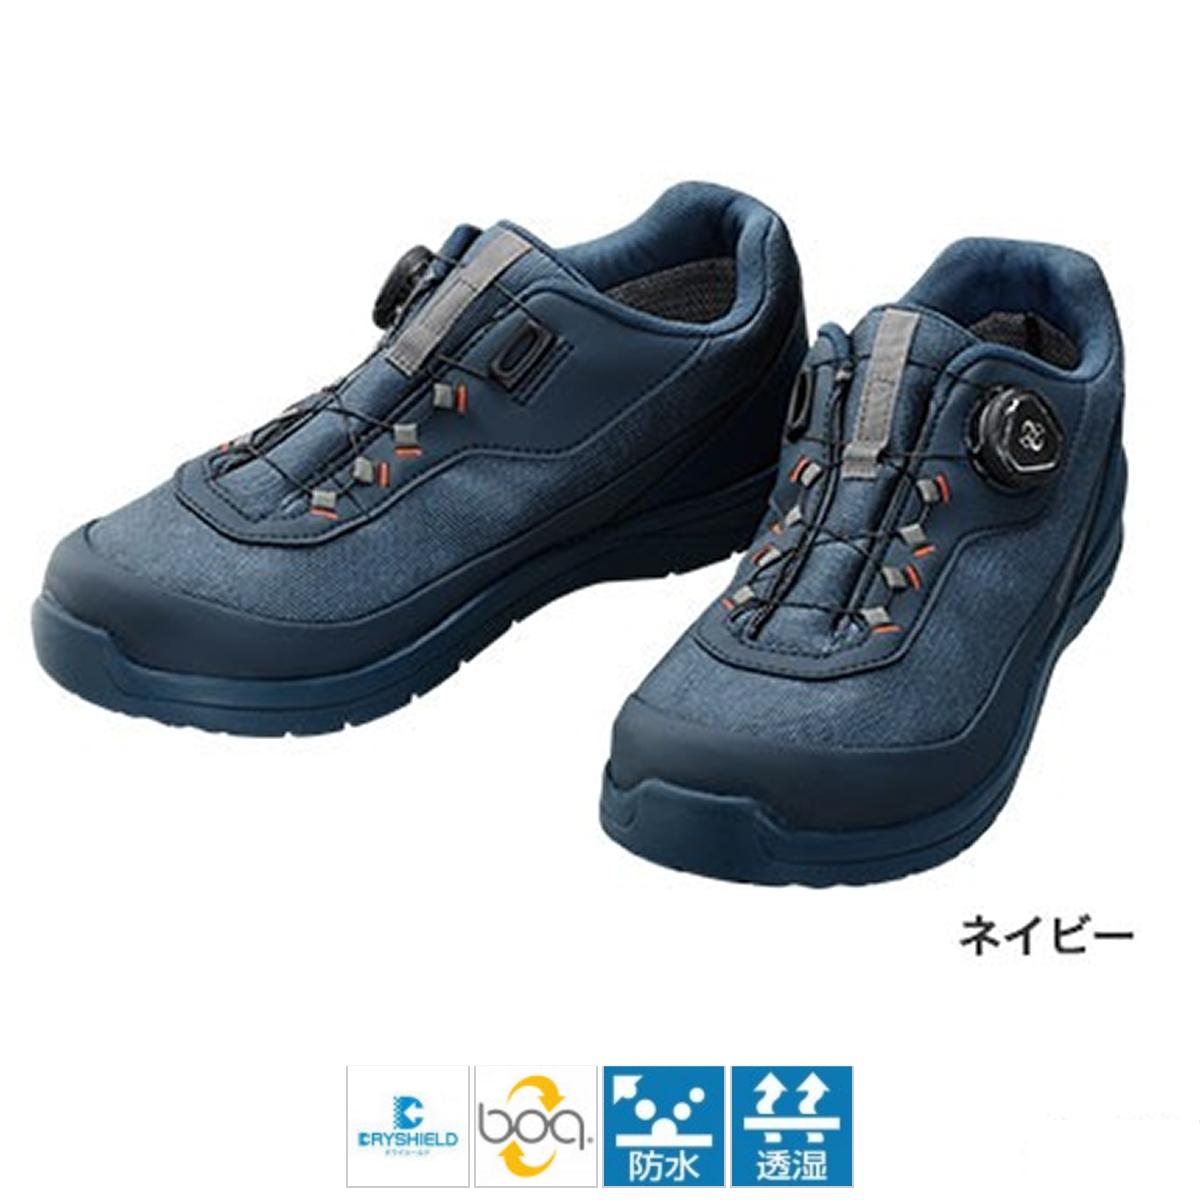 大好き シマノ ドライシールド FS-081Q デッキラジアルフィットシューズ ネイビー LW FS-081Q 26cm シマノ ネイビー, 家具shop GfoReT:99c6ad00 --- business.personalco5.dominiotemporario.com